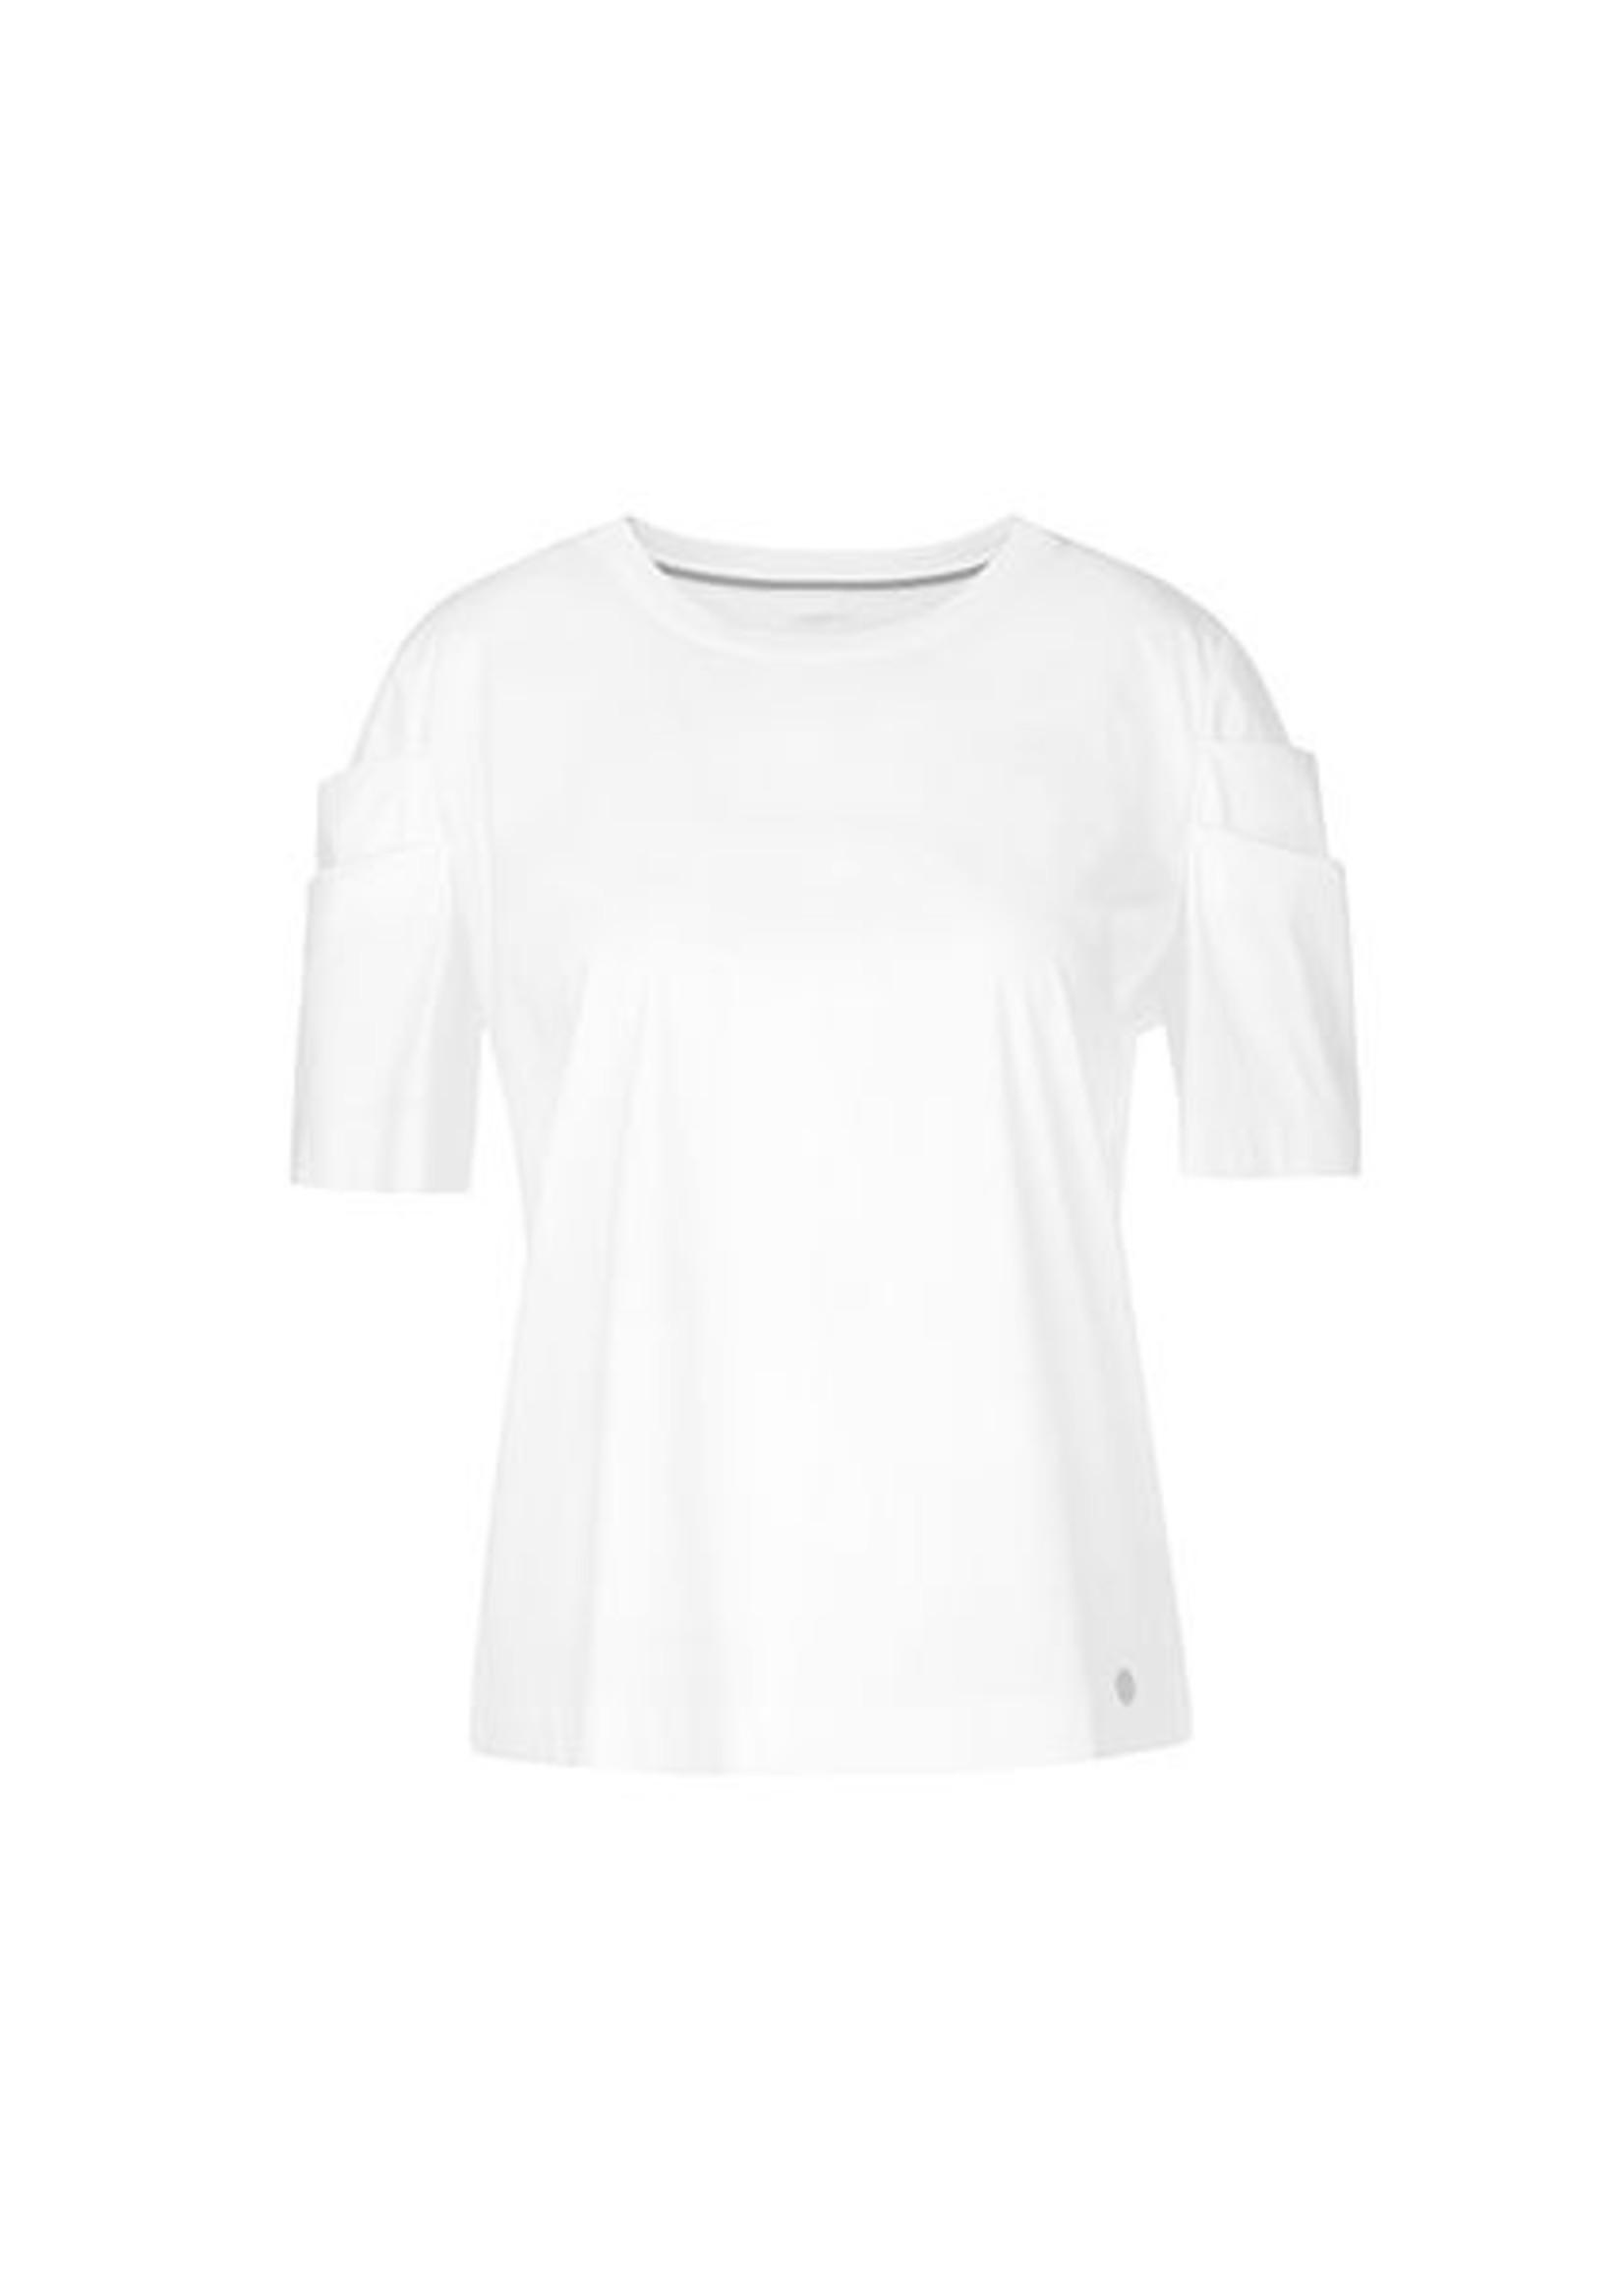 T-shirt QC 48.24 J57